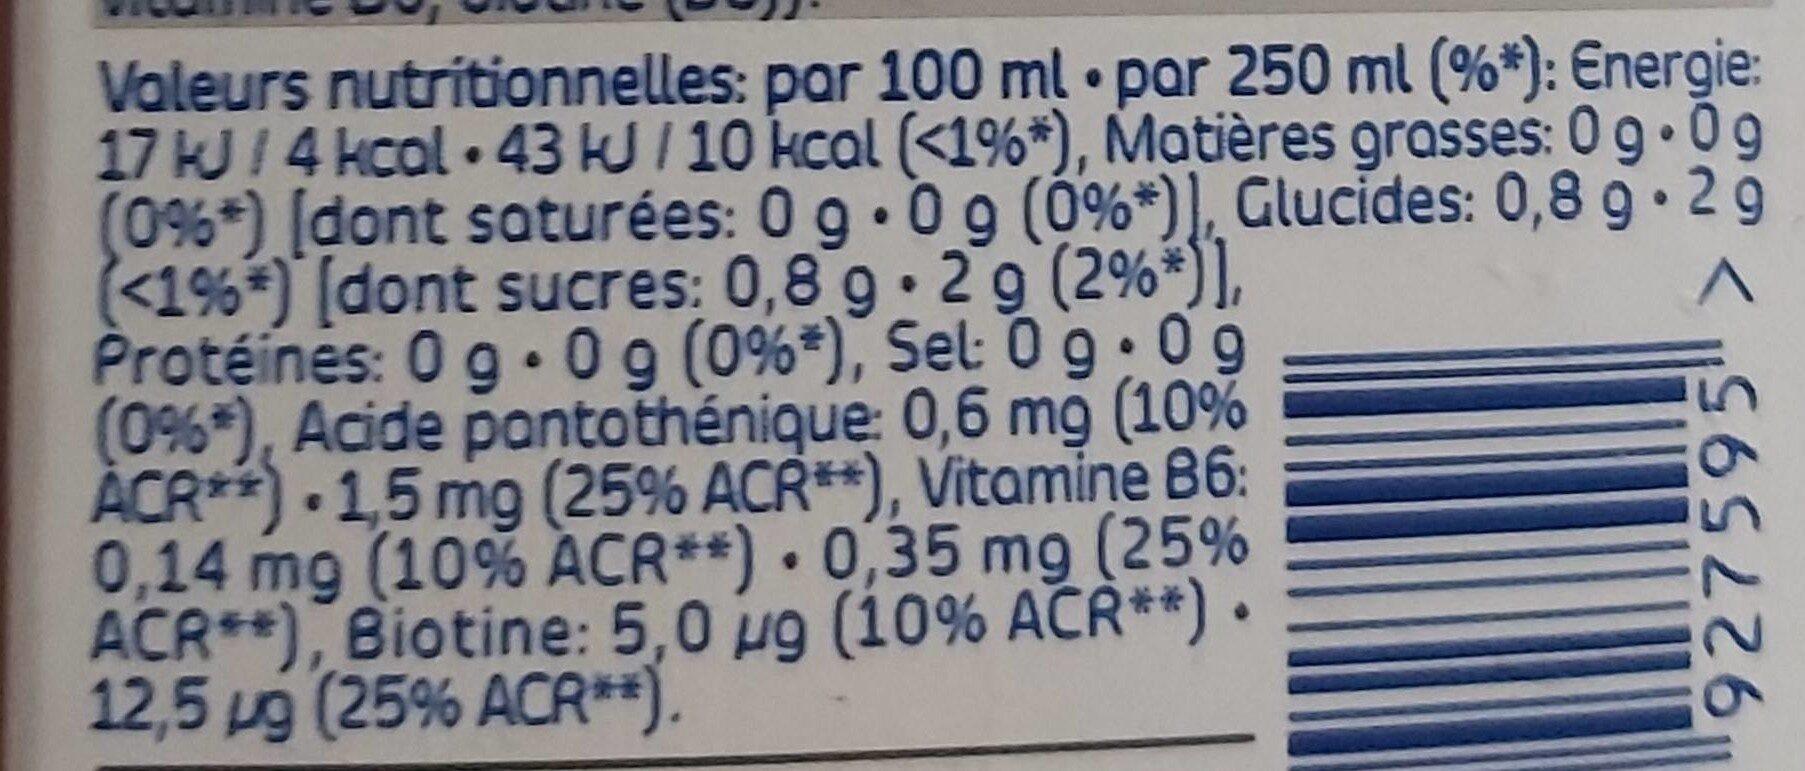 Better Water Charcoal - Voedingswaarden - fr